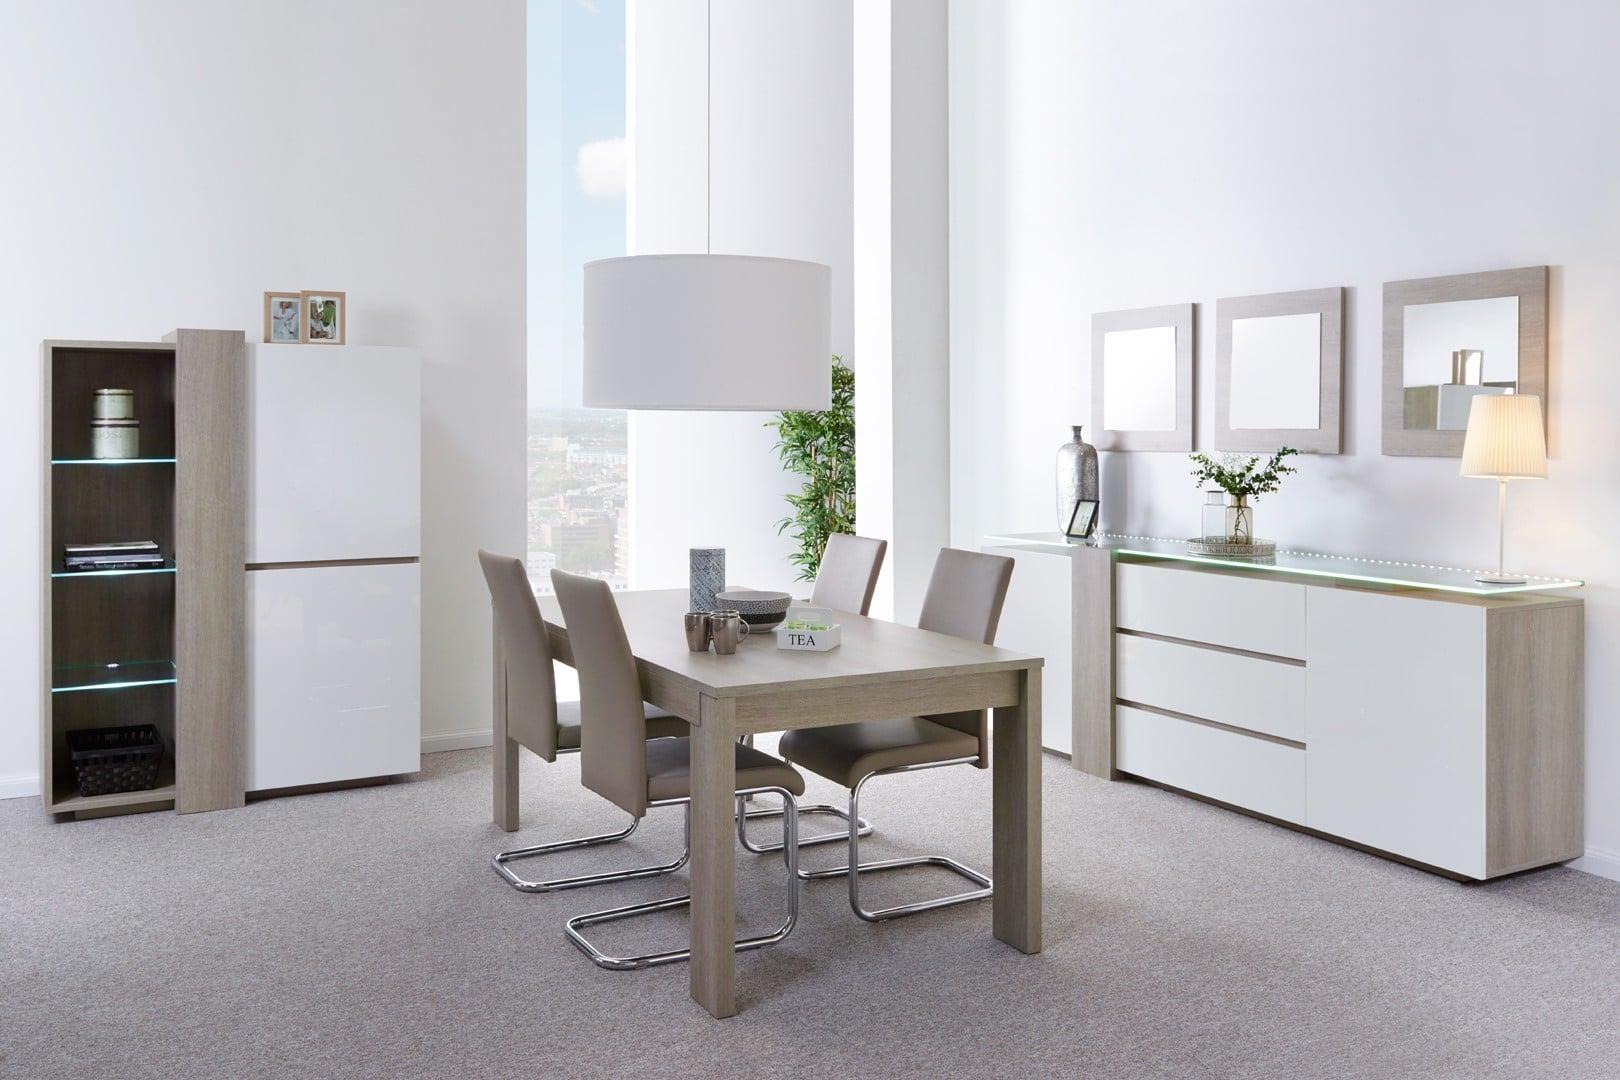 les bonnes affaires sur le mobilier le blog matelpro. Black Bedroom Furniture Sets. Home Design Ideas